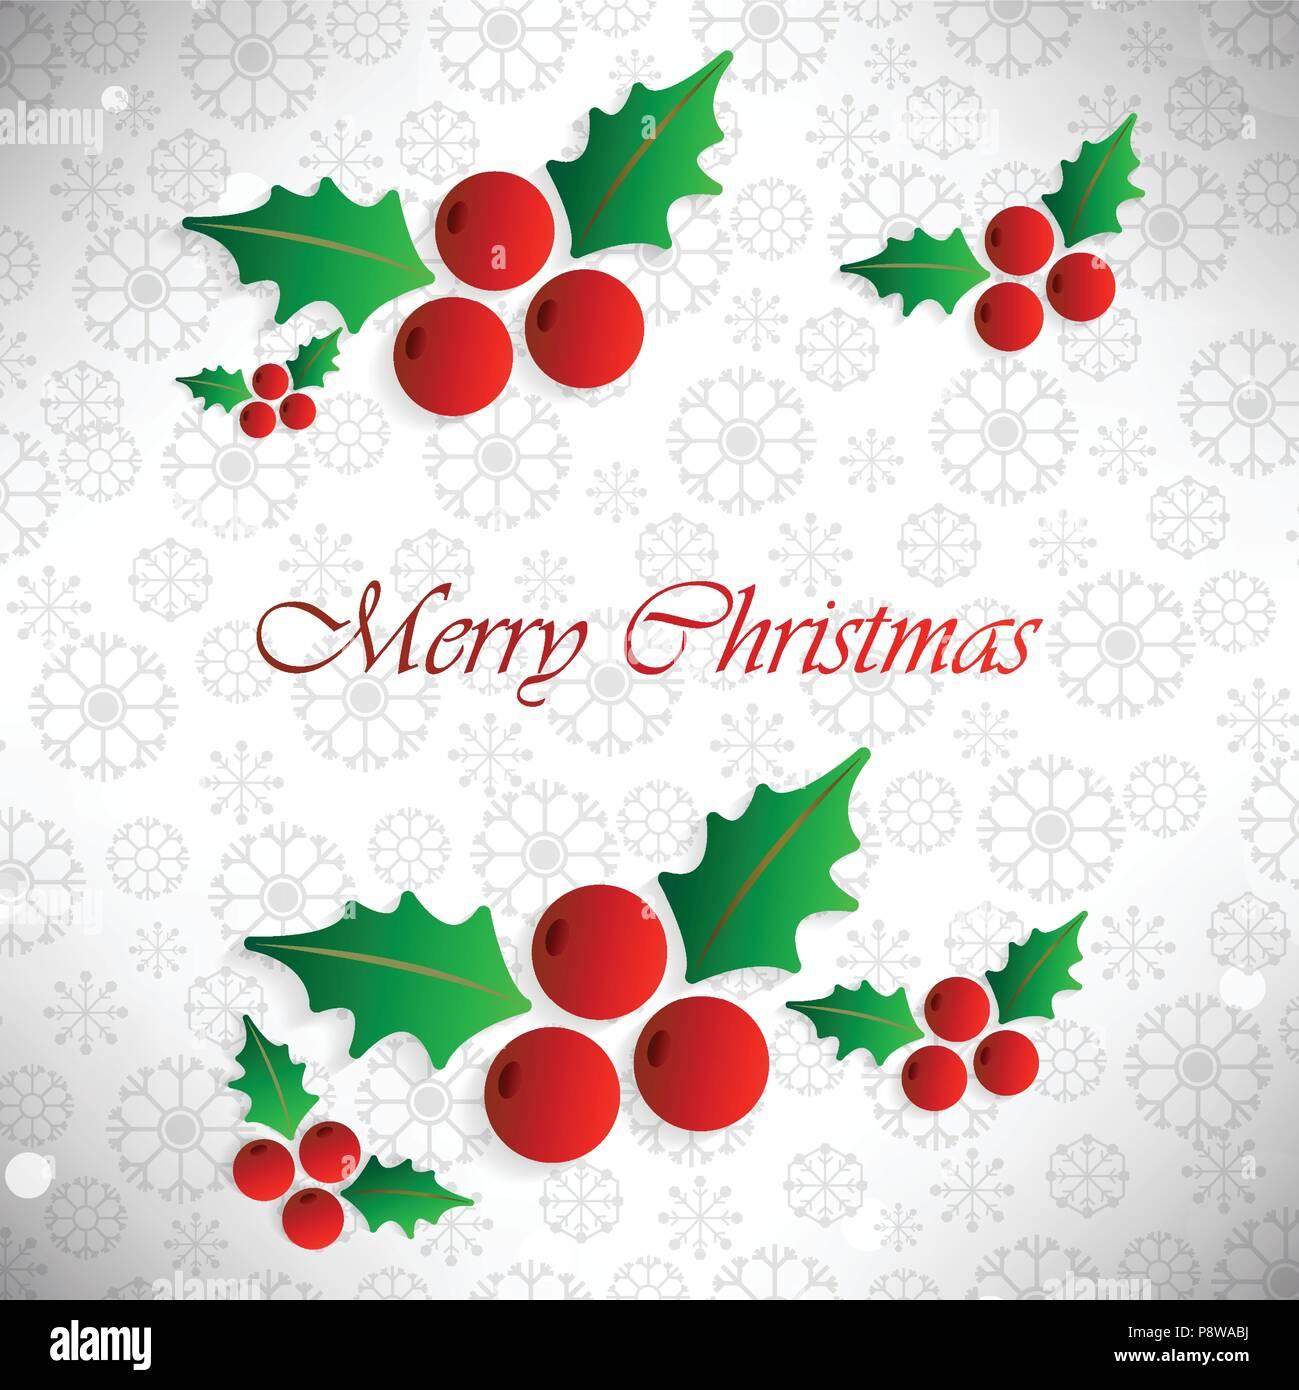 Weihnachtskarten Muster.Weihnachtskarte Mit Muster Hintergrund Und Cherry Blätter Für Web